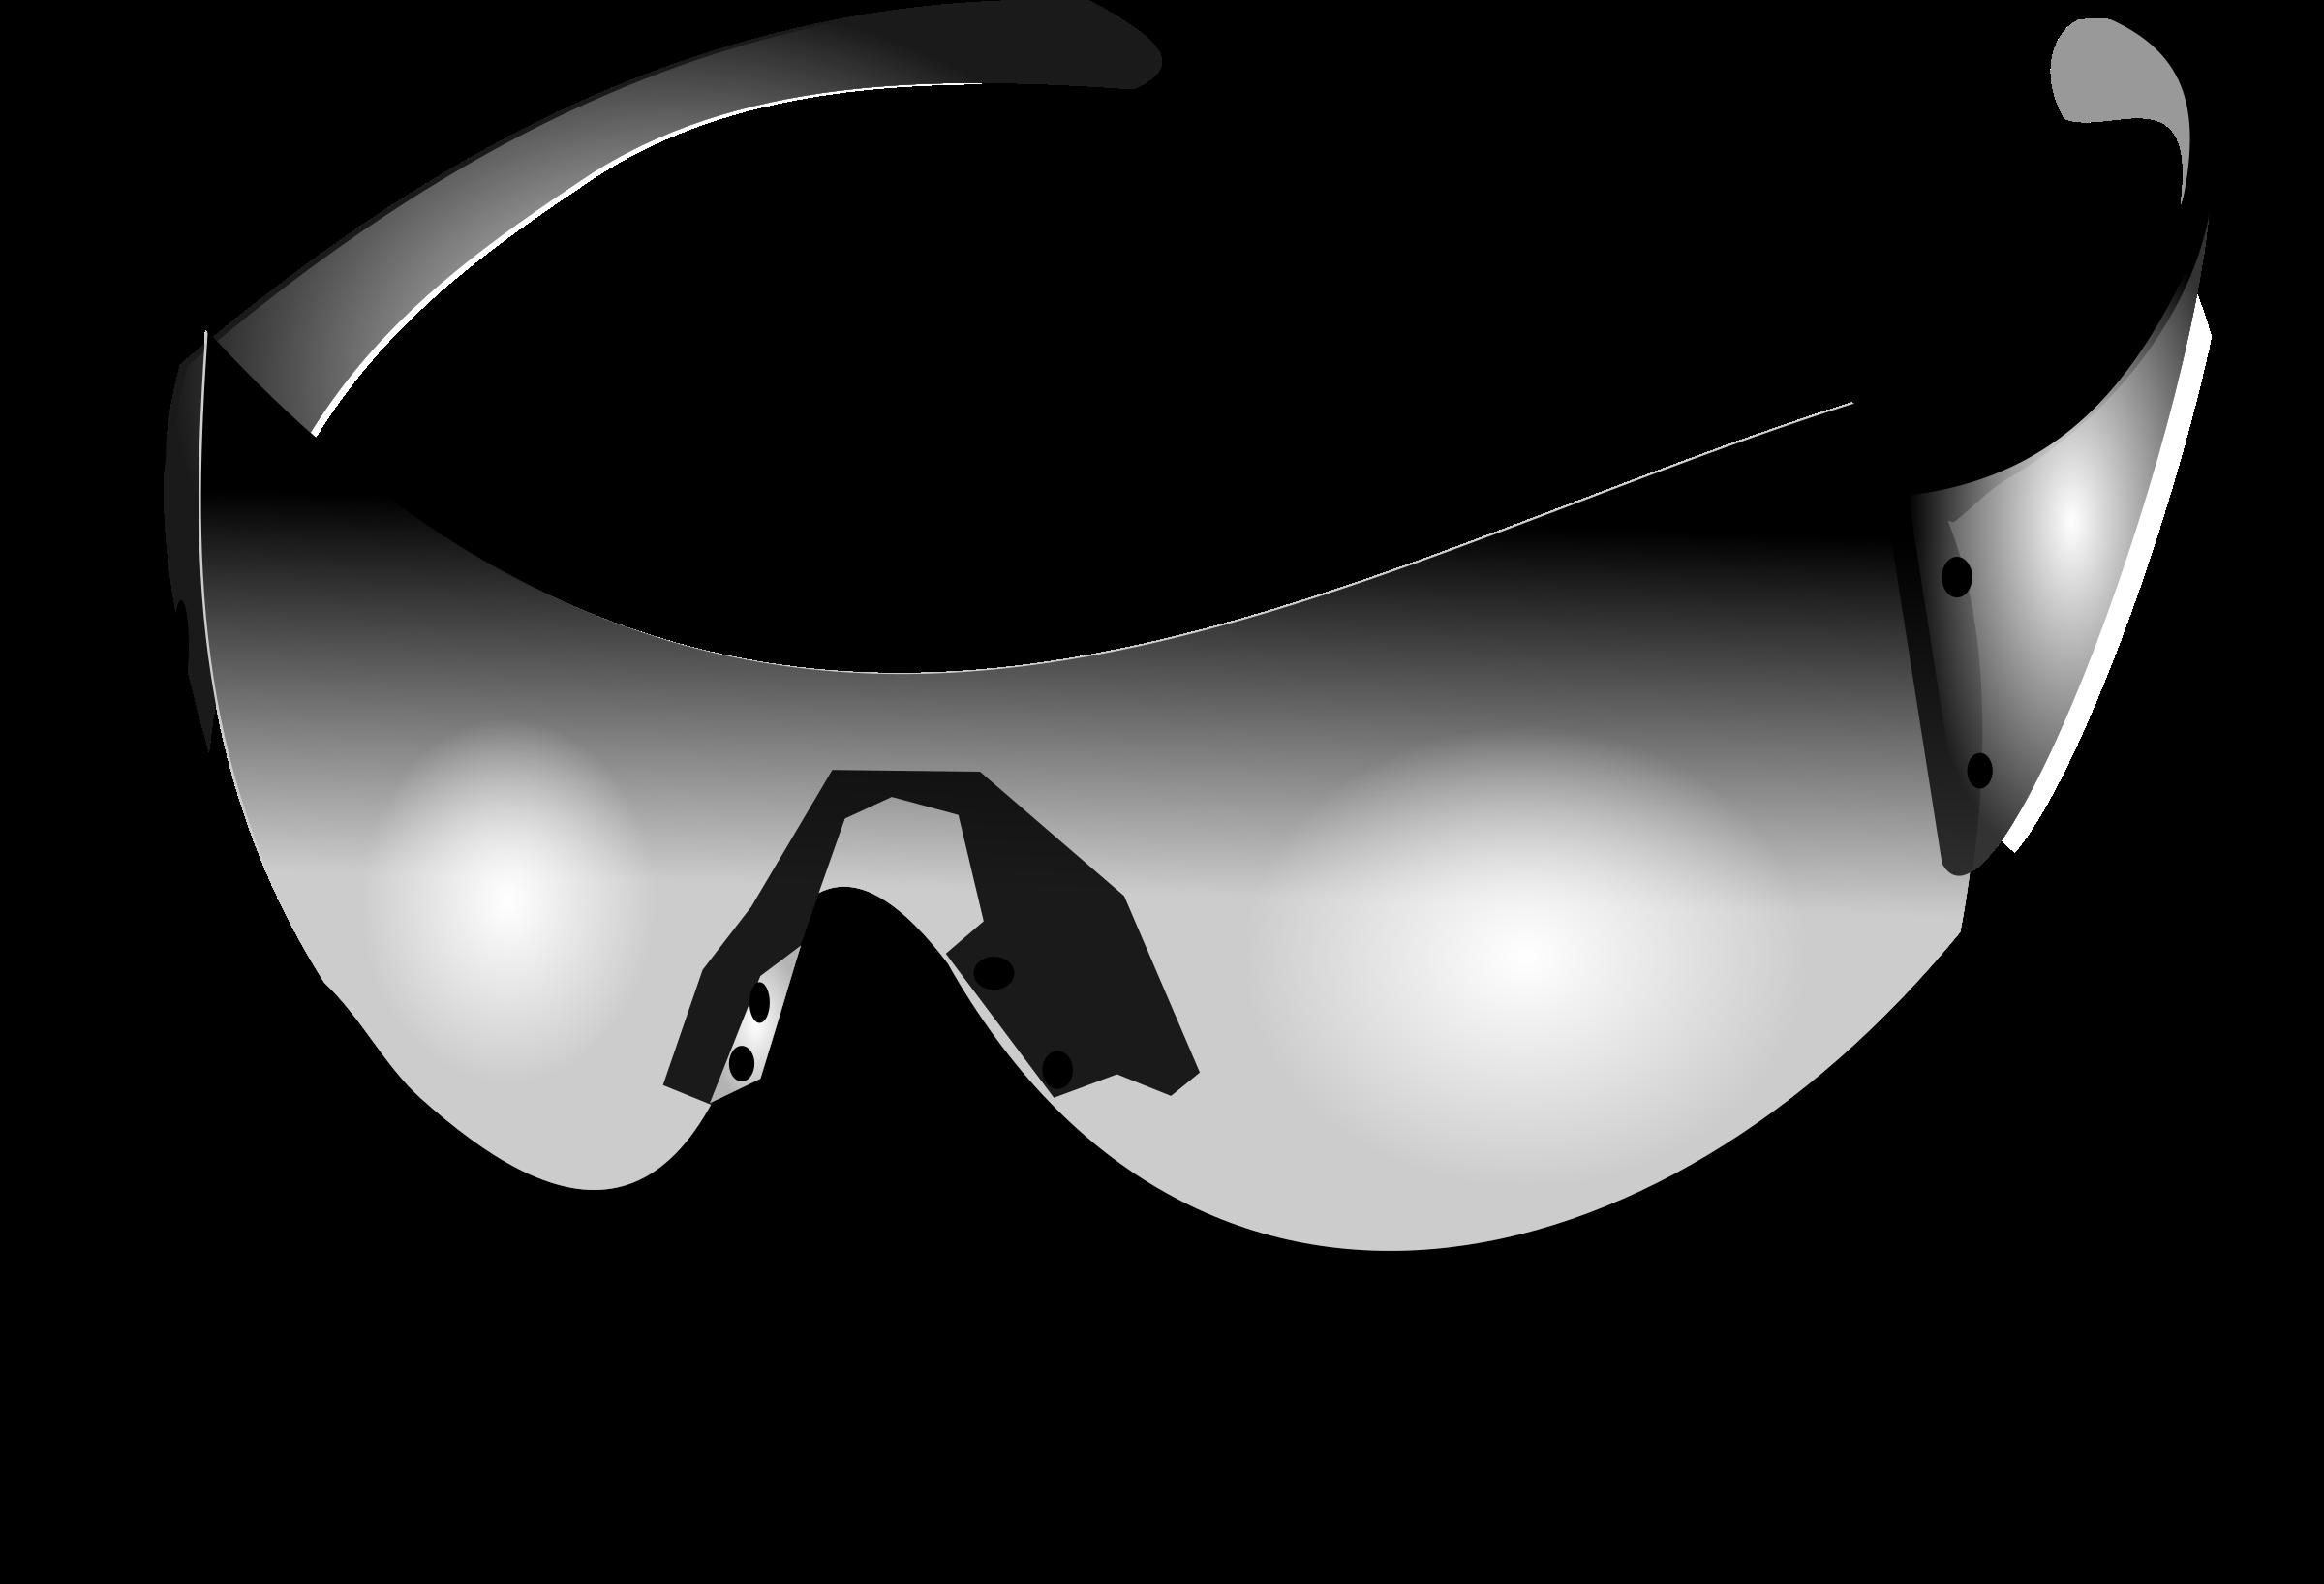 f0e0fb4788 ... sunglasses png